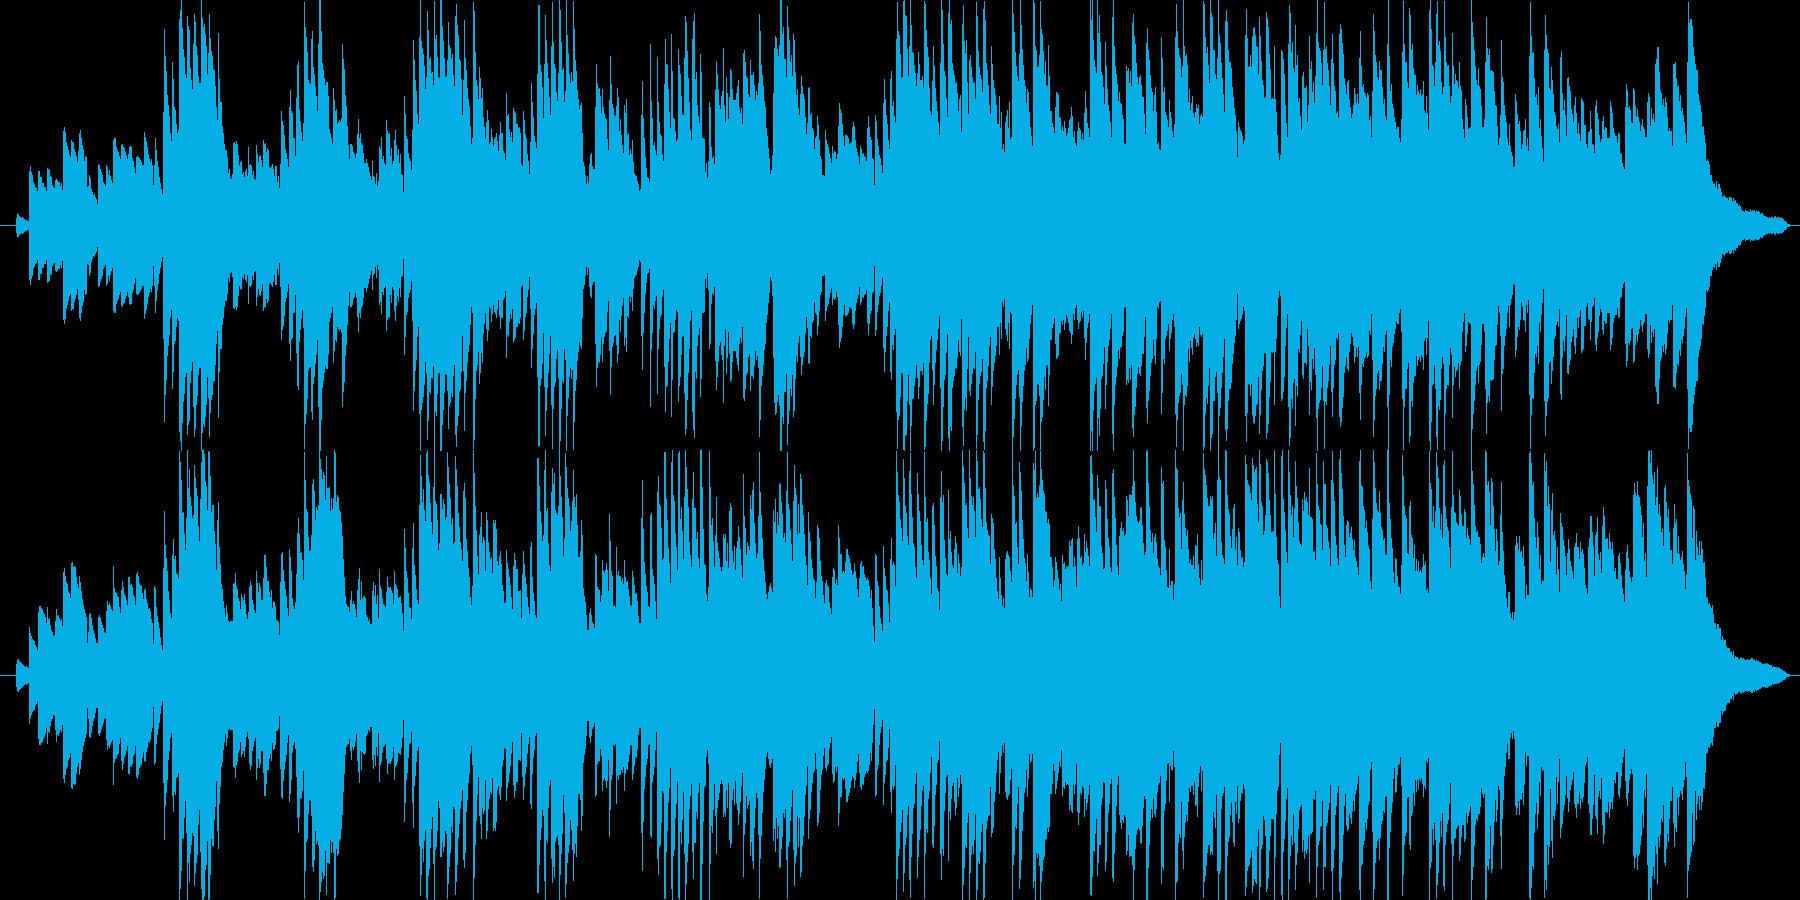 ピアノだけで演奏した切なく悲しげな曲の再生済みの波形